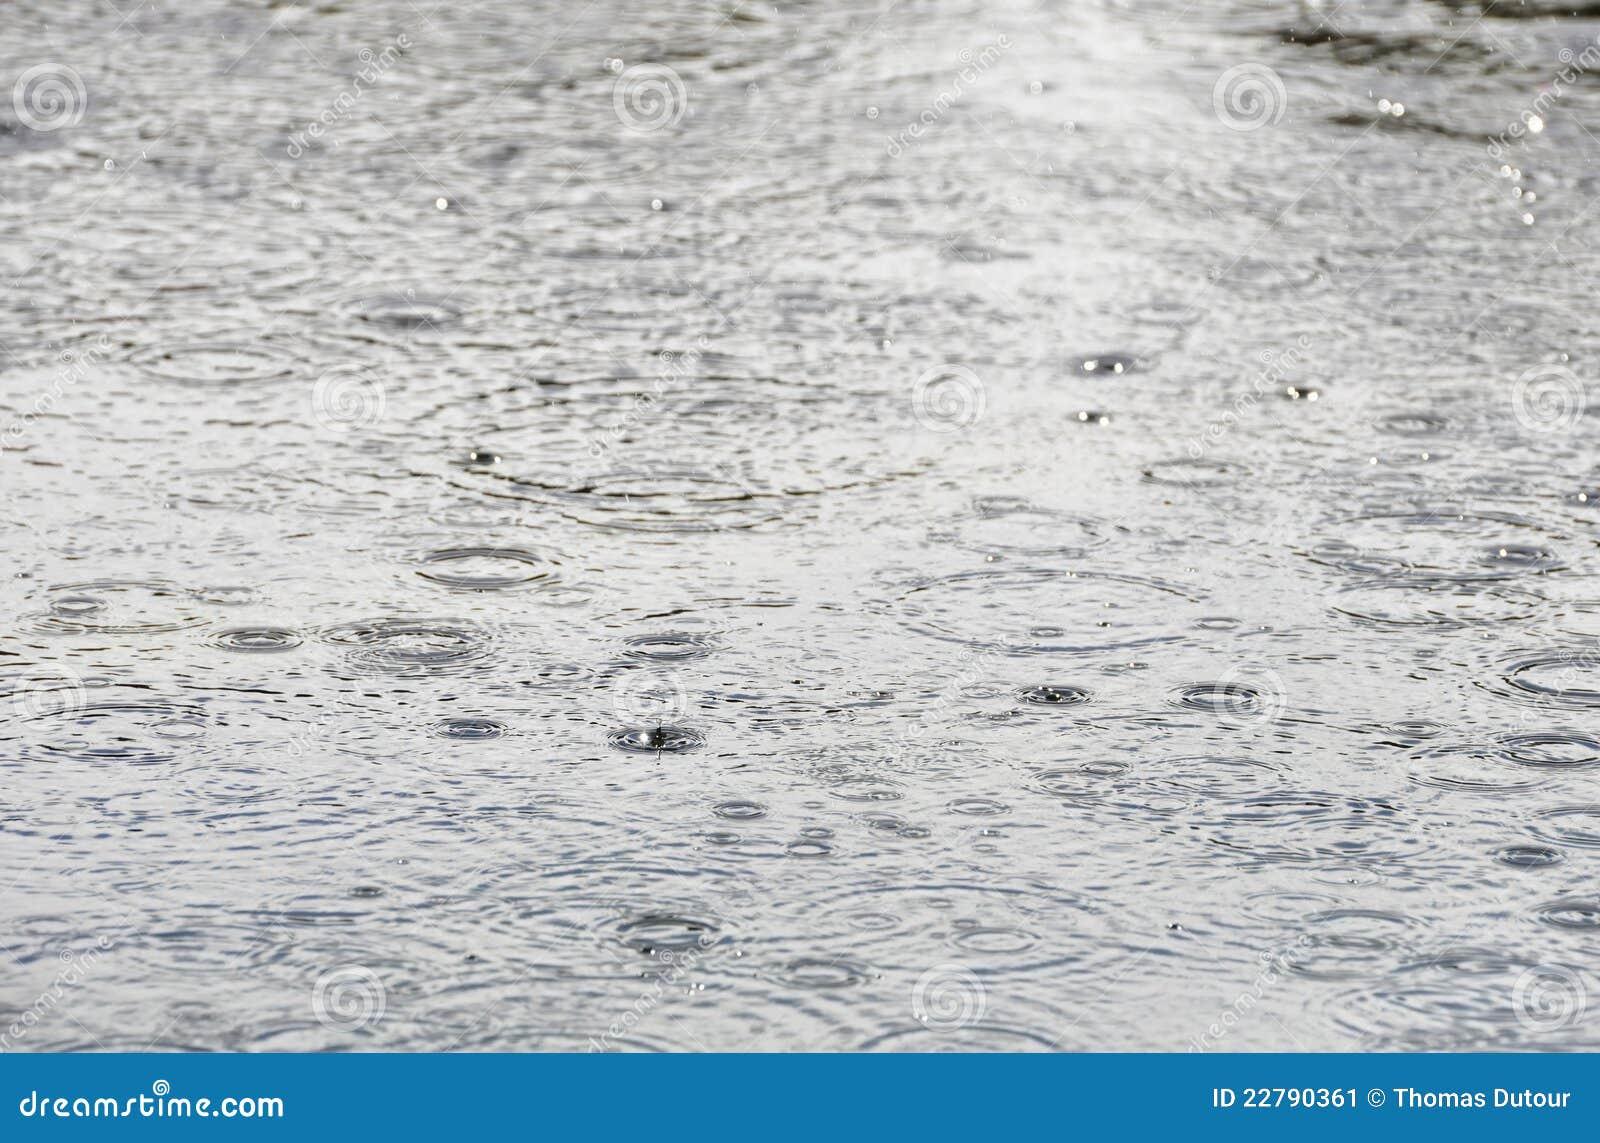 Regendruppels op de waterspiegel